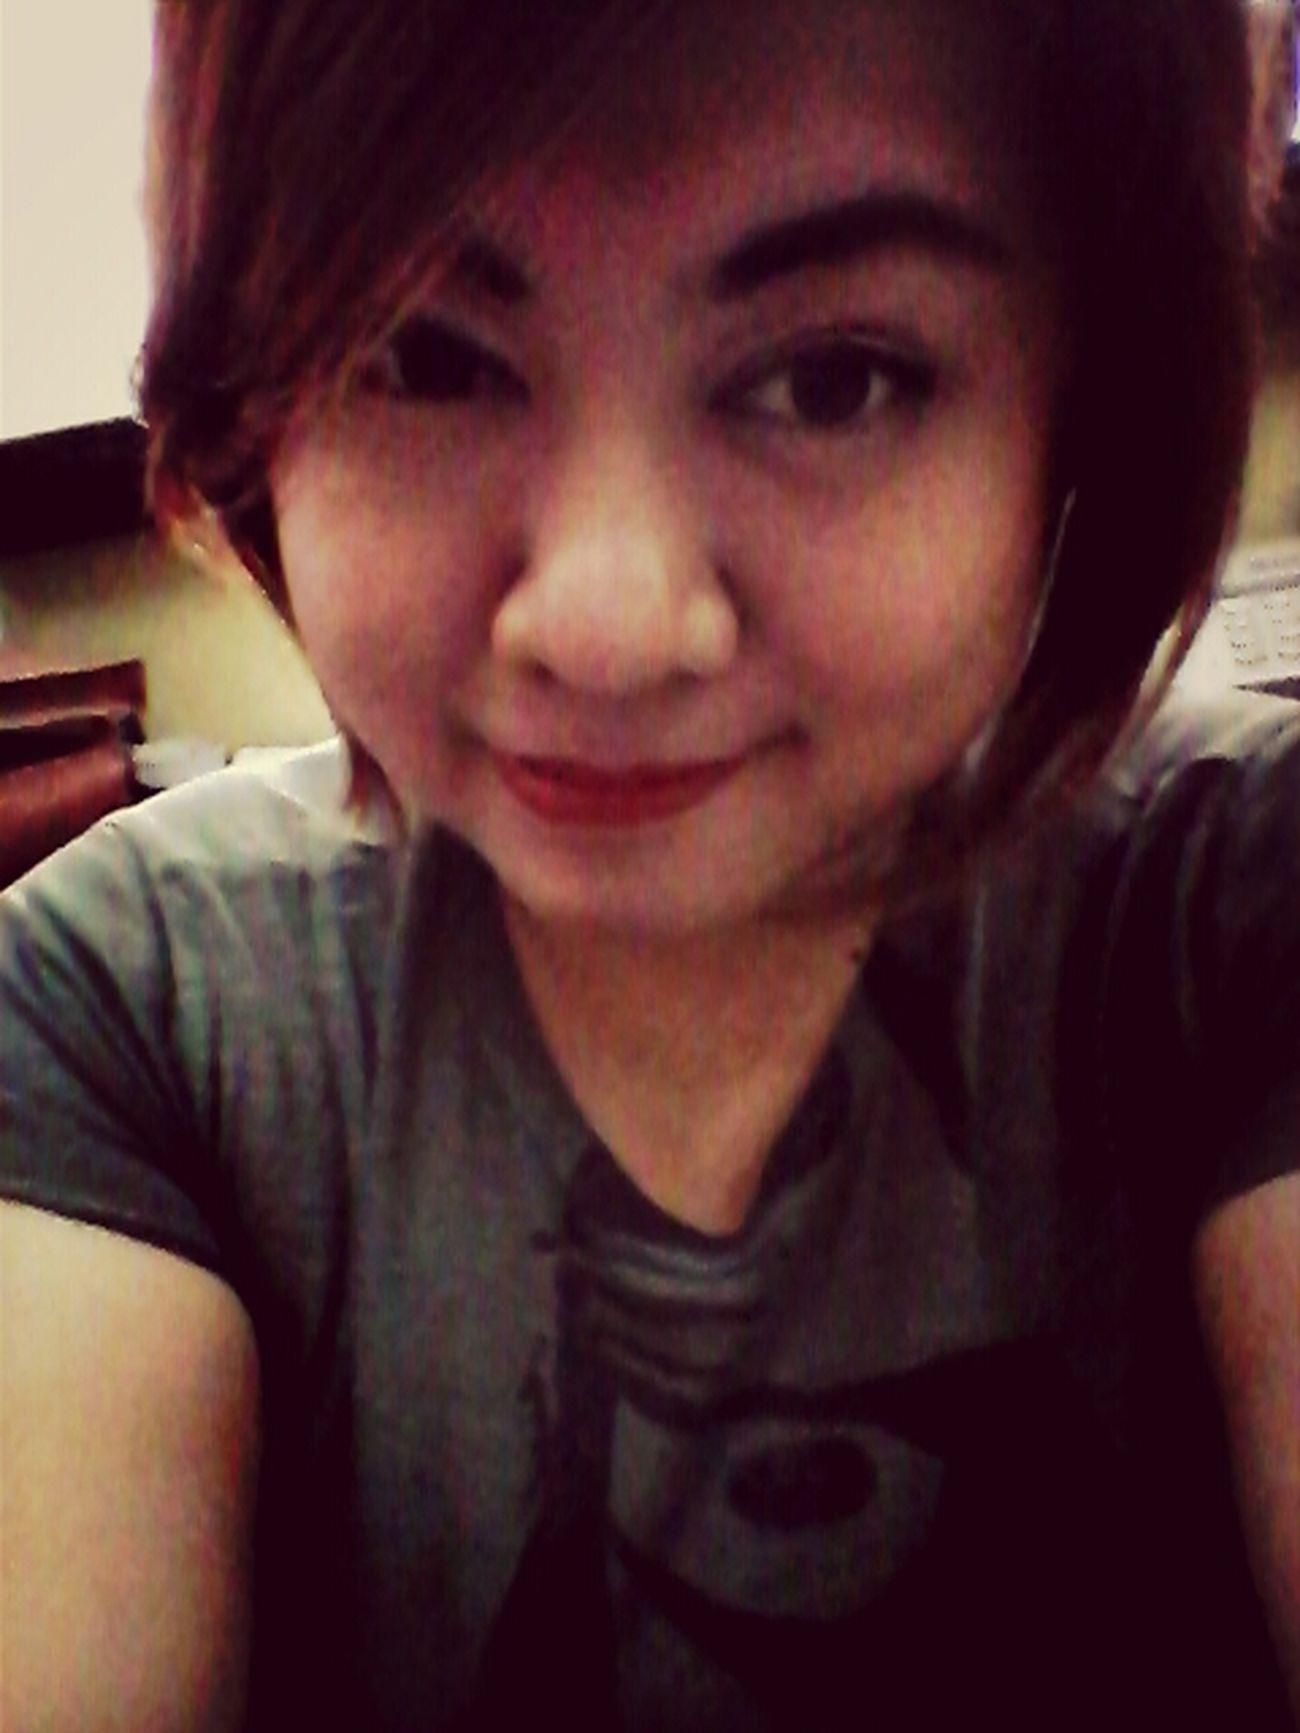 Shorthair Lovethebob Happygirl😁 Good Morning✌♥